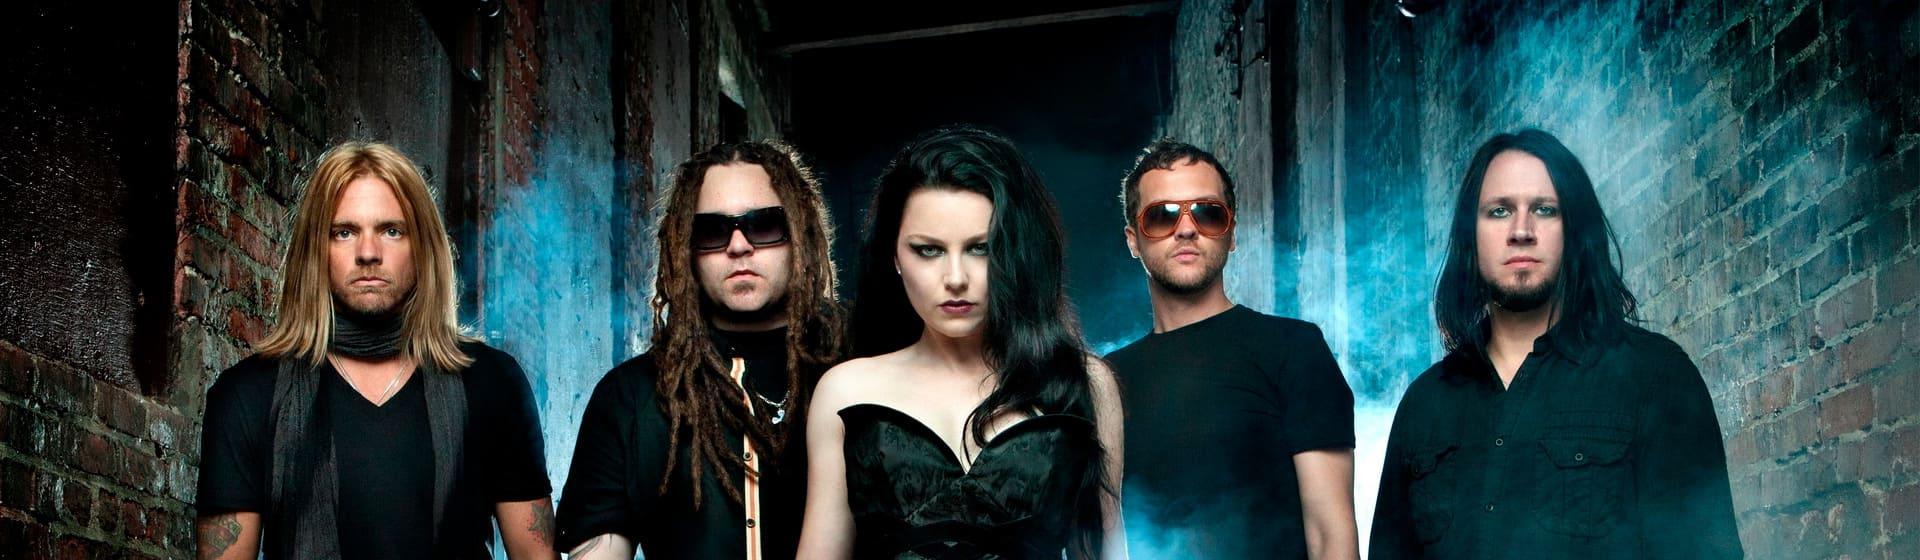 Evanescence - Мерч и одежда с атрибутикой